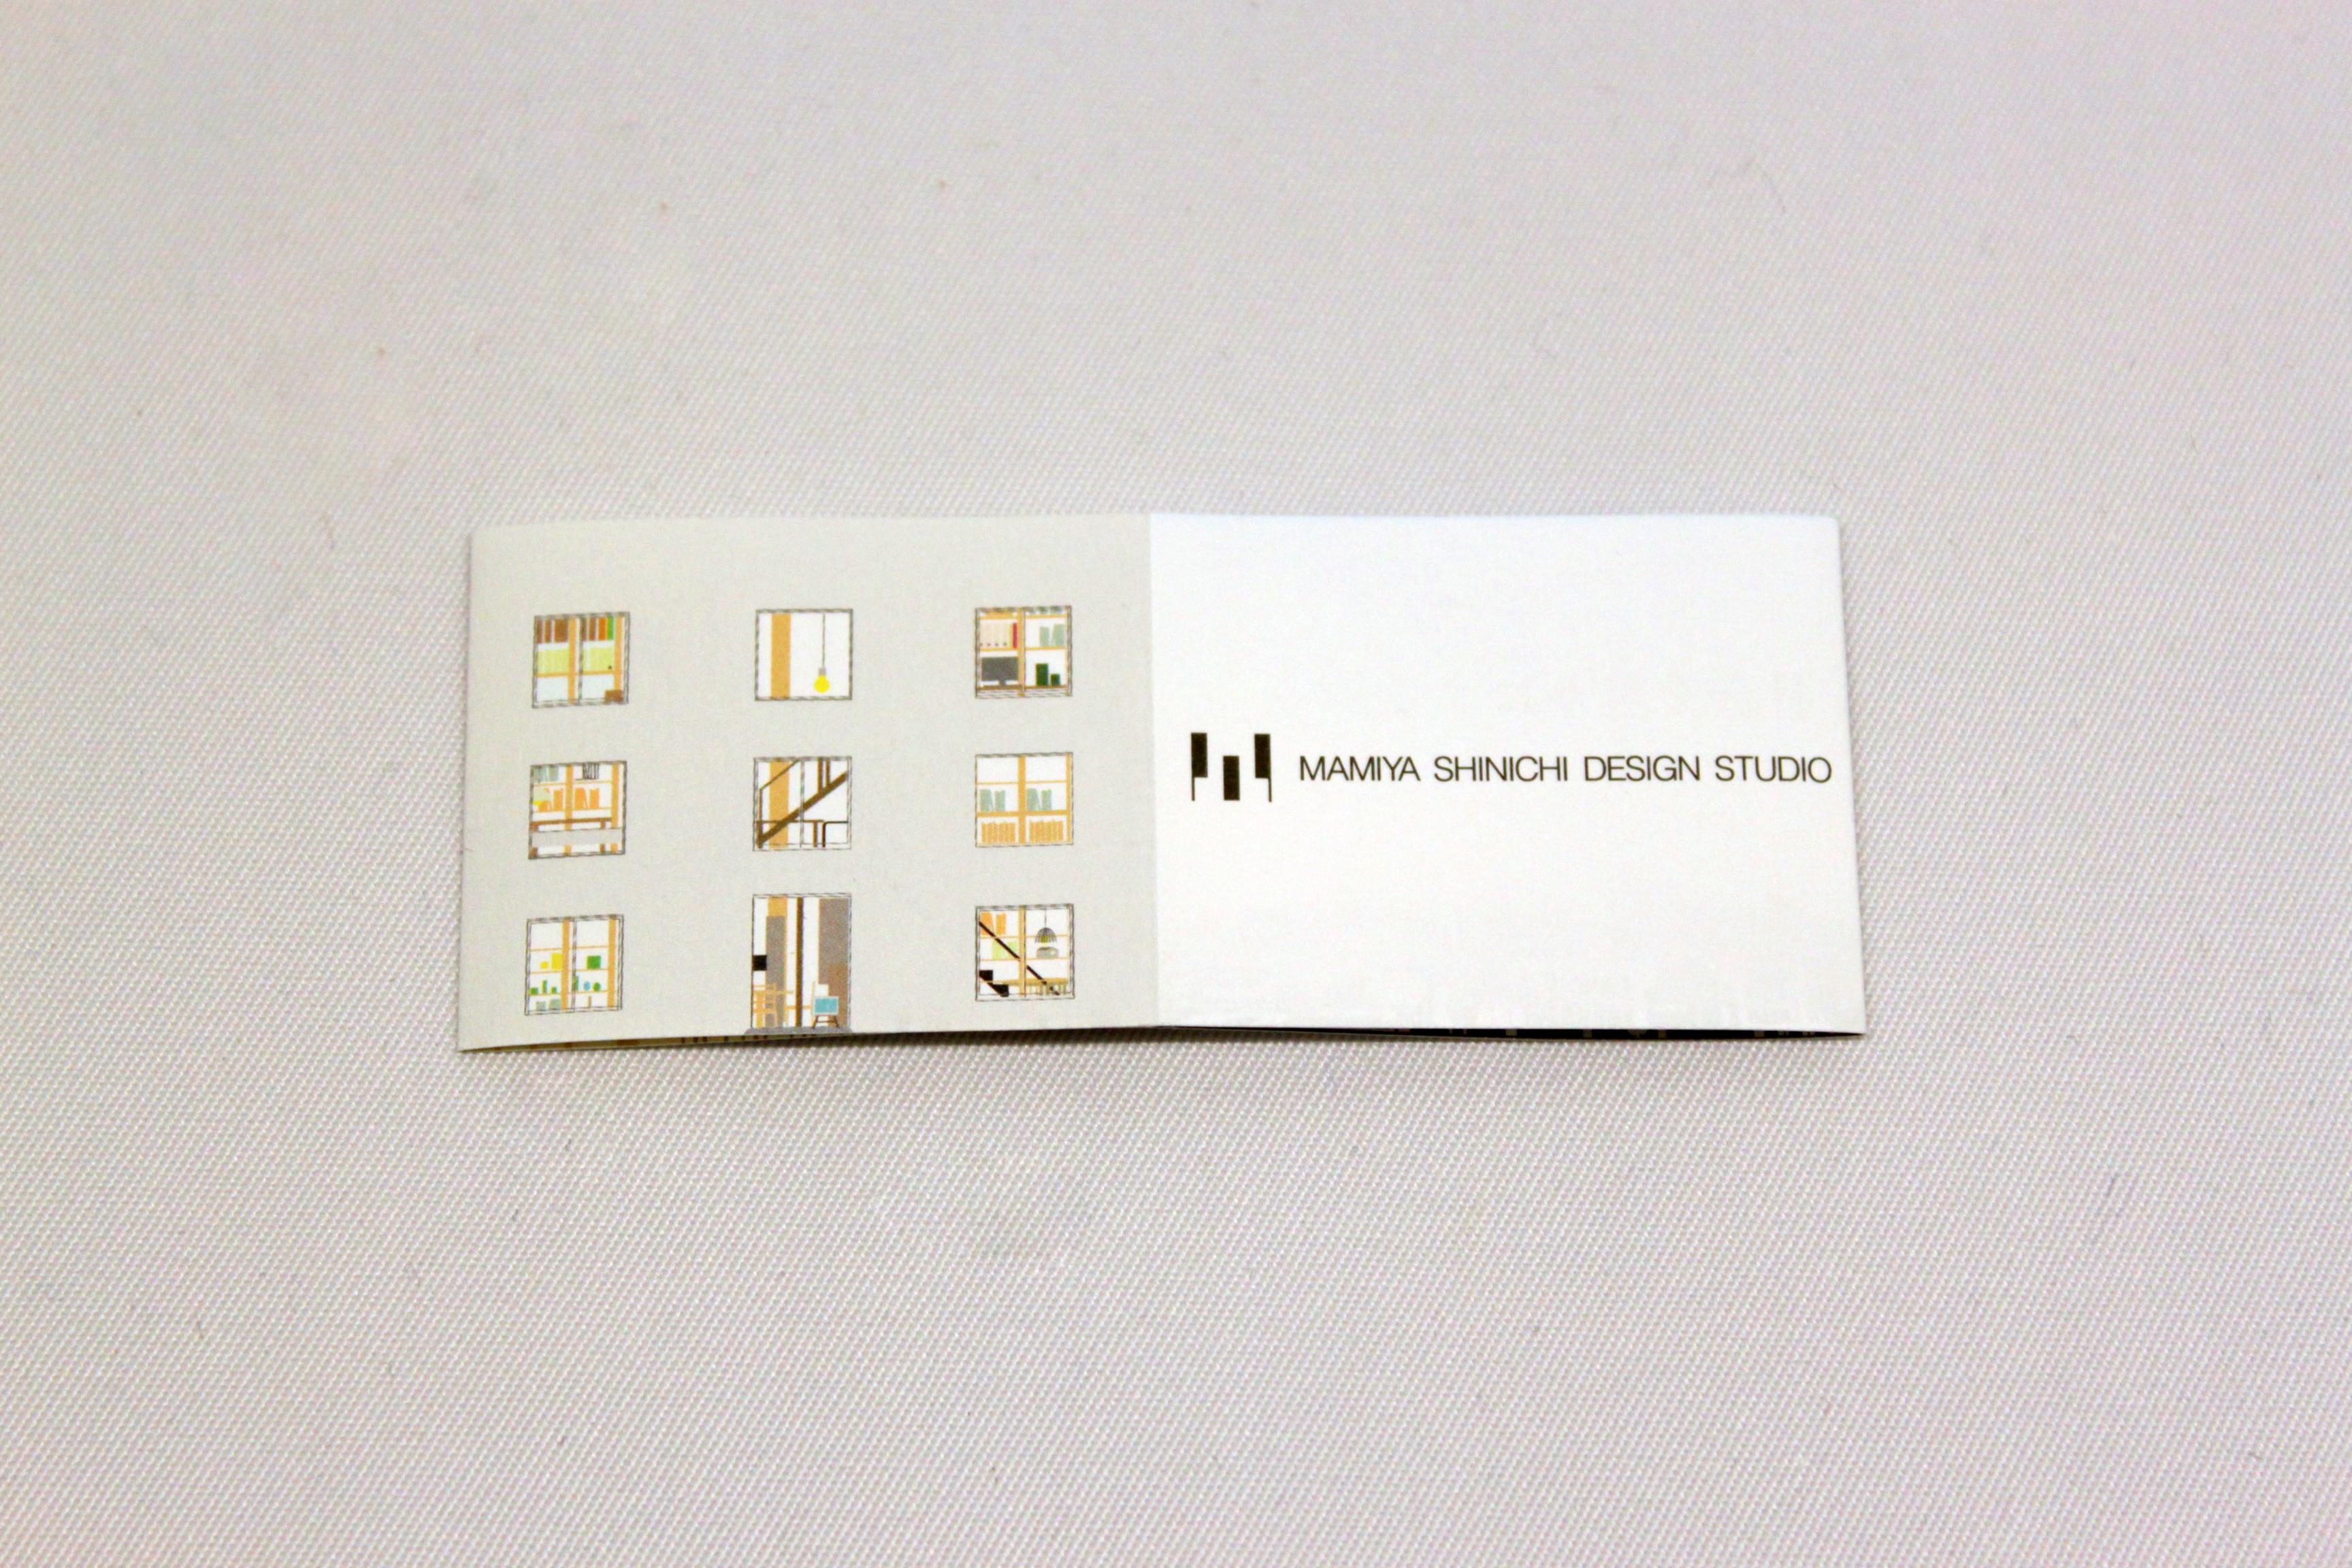 スタジオ カード